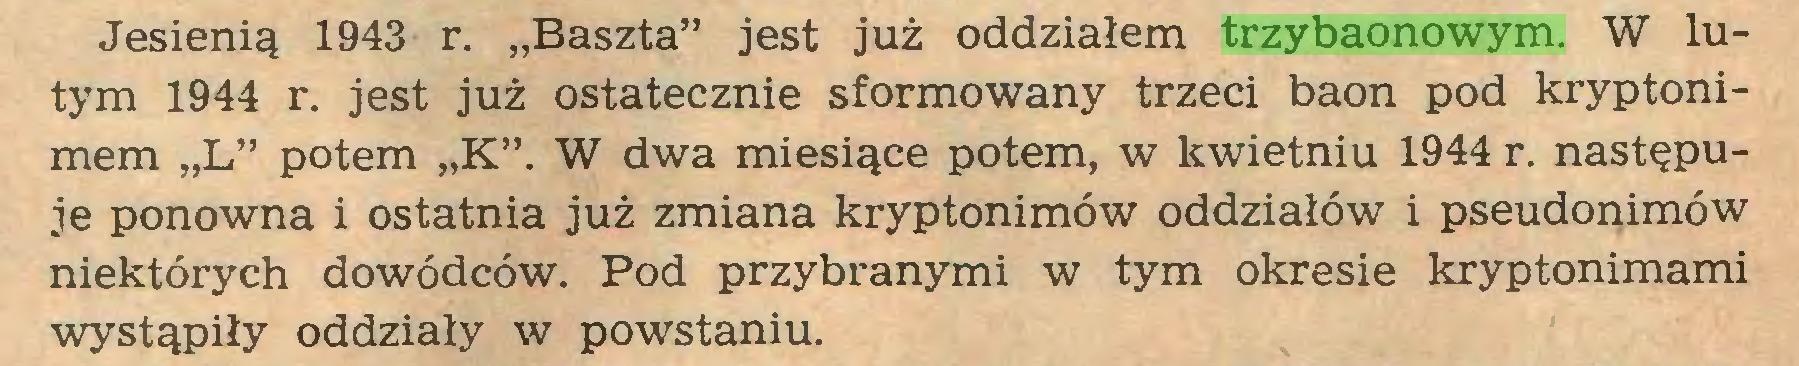 """(...) Jesienią 1943 r. """"Baszta"""" jest już oddziałem trzybaonowym. W lutym 1944 r. jest już ostatecznie sformowany trzeci baon pod kryptonimem """"L"""" potem """"K"""". W dwa miesiące potem, w kwietniu 1944 r. następuje ponowna i ostatnia już zmiana kryptonimów oddziałów i pseudonimów niektórych dowódców. Pod przybranymi w tym okresie kryptonimami wystąpiły oddziały w powstaniu..."""